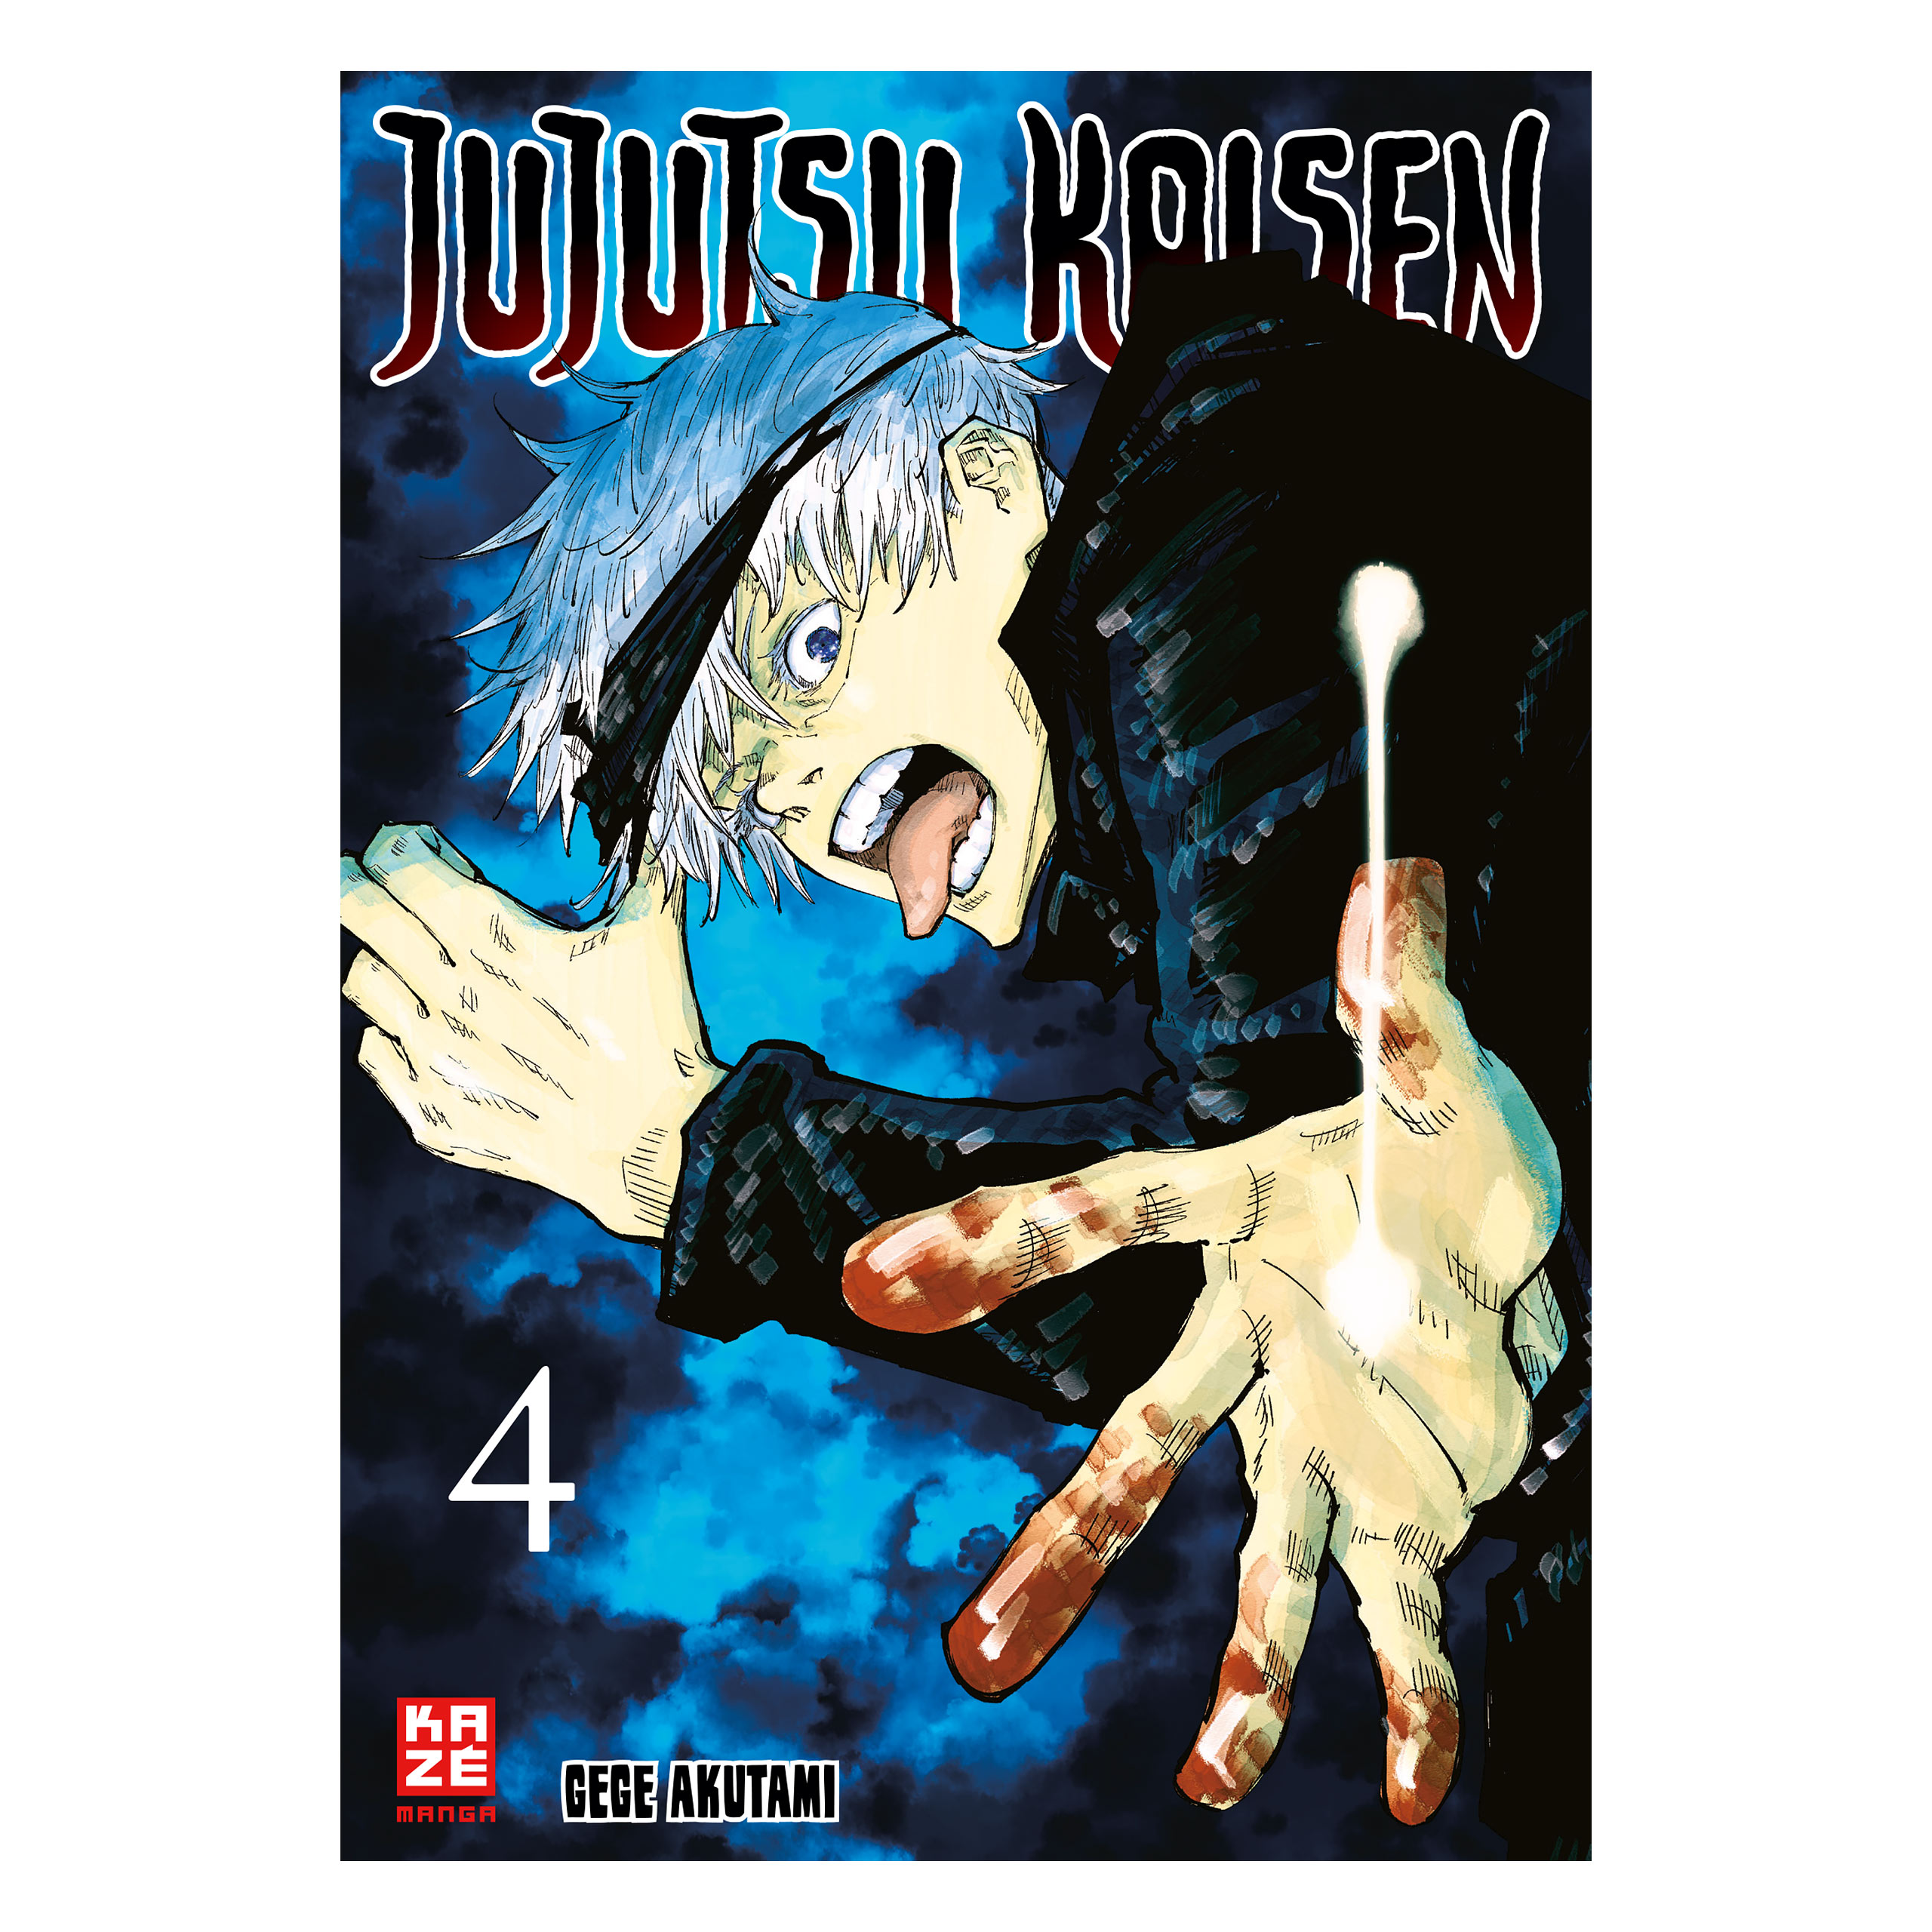 Jujutsu Kaisen - Band 4 Taschenbuch